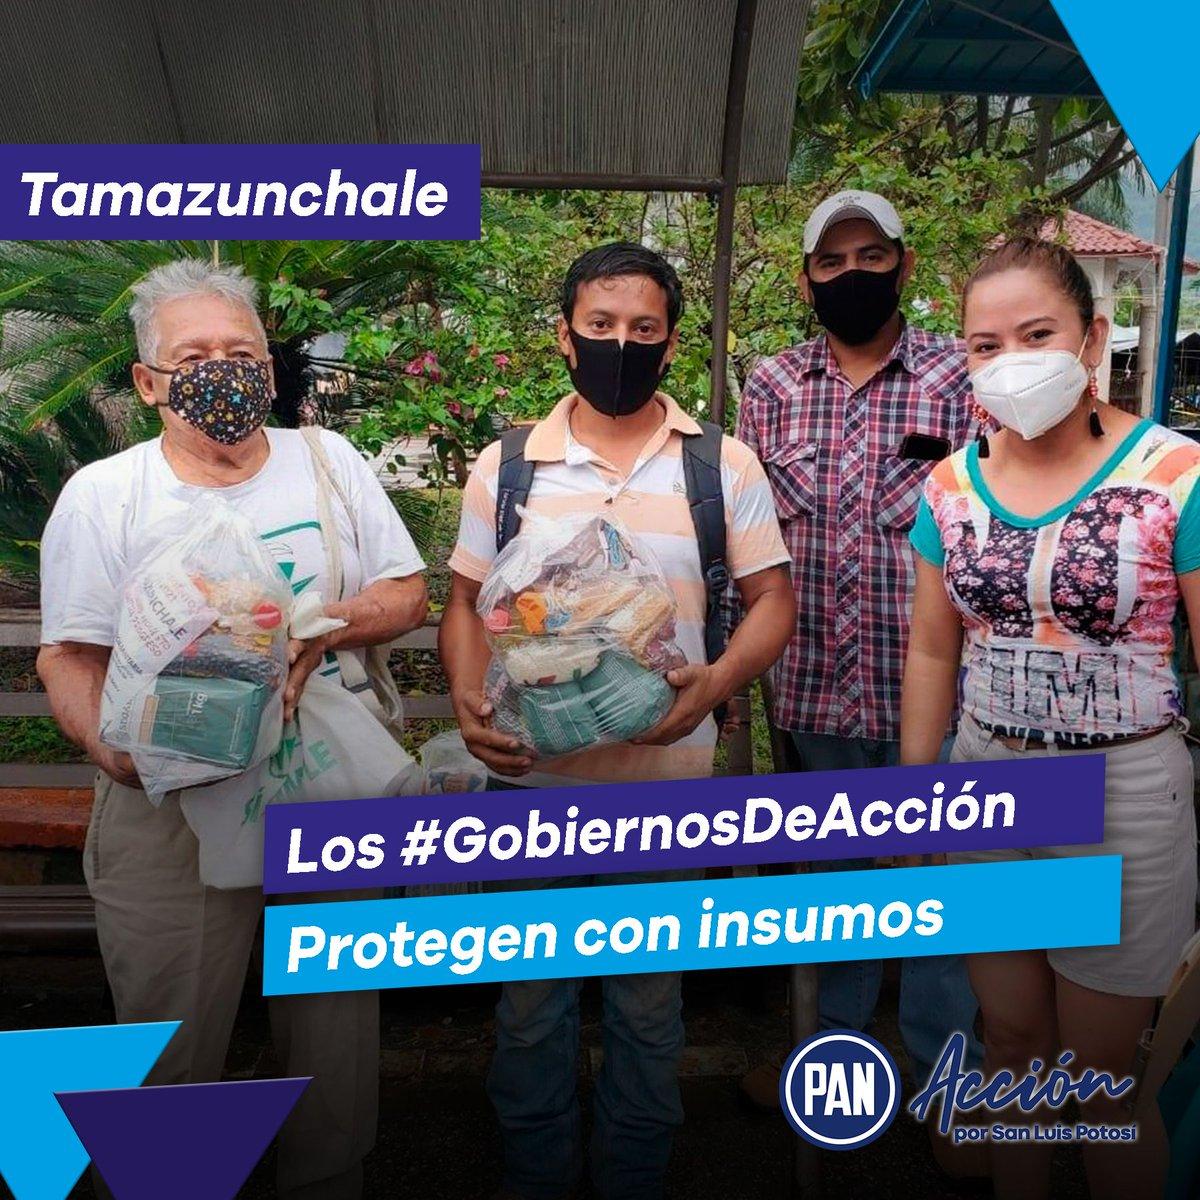 Los #GobiernosDeAcción se preocupan por su gente y las necesidades de la población. 👍  En Tamazunchale, nuestros gobiernos panistas han apoyado al Cuerpo de Bomberos y a los Aseadores de Calzado con despensas y apoyo alimenticio. 🙌🔵 https://t.co/sgIslBOIvc